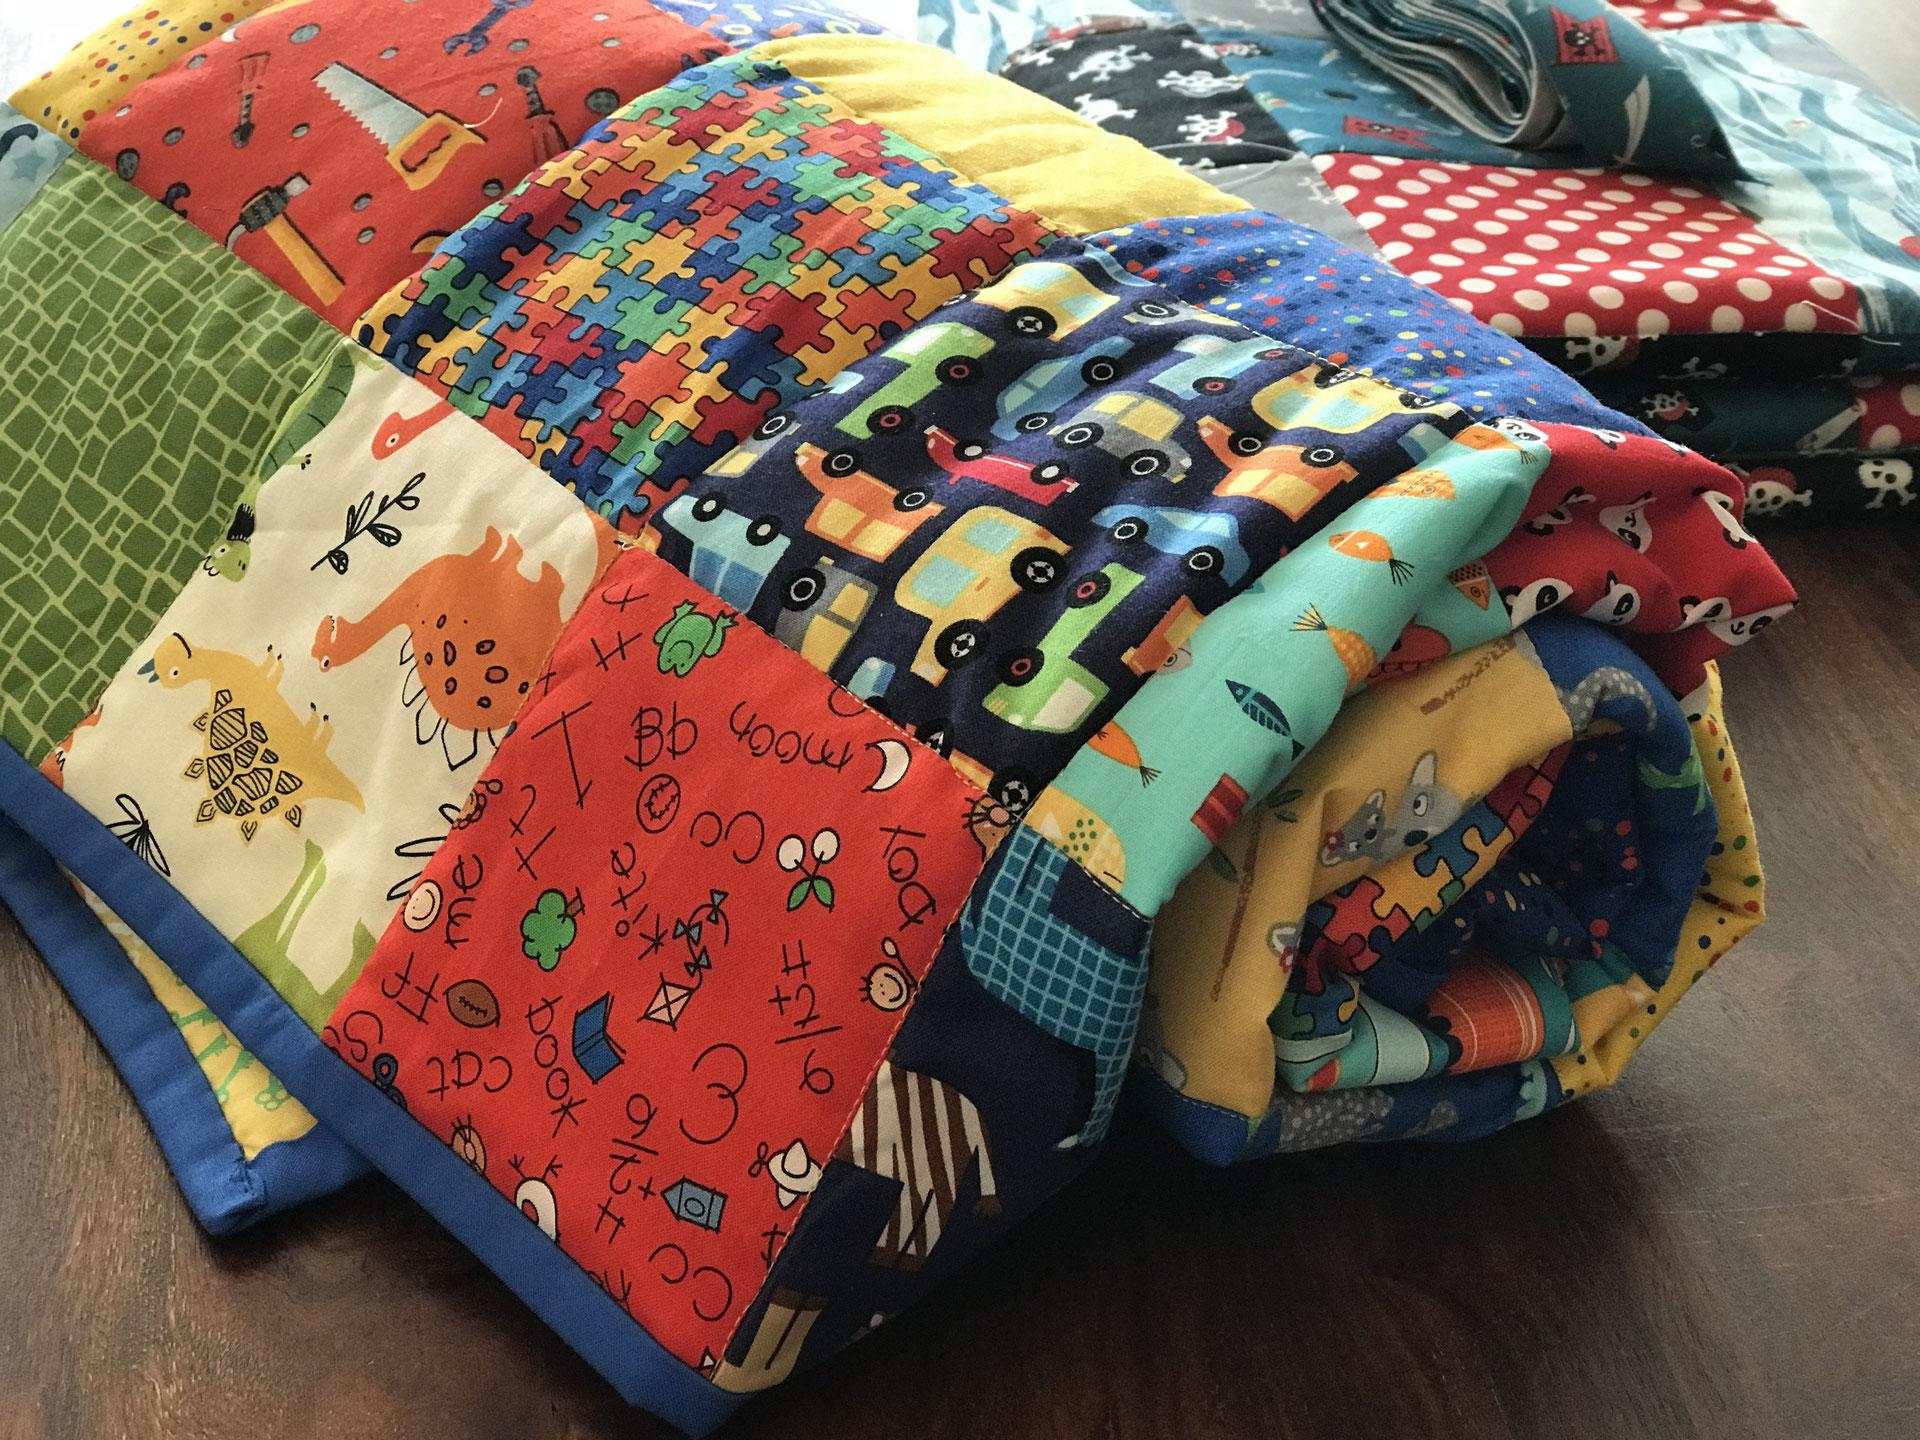 Gestalten patchworkdecke selbst Decke Mit